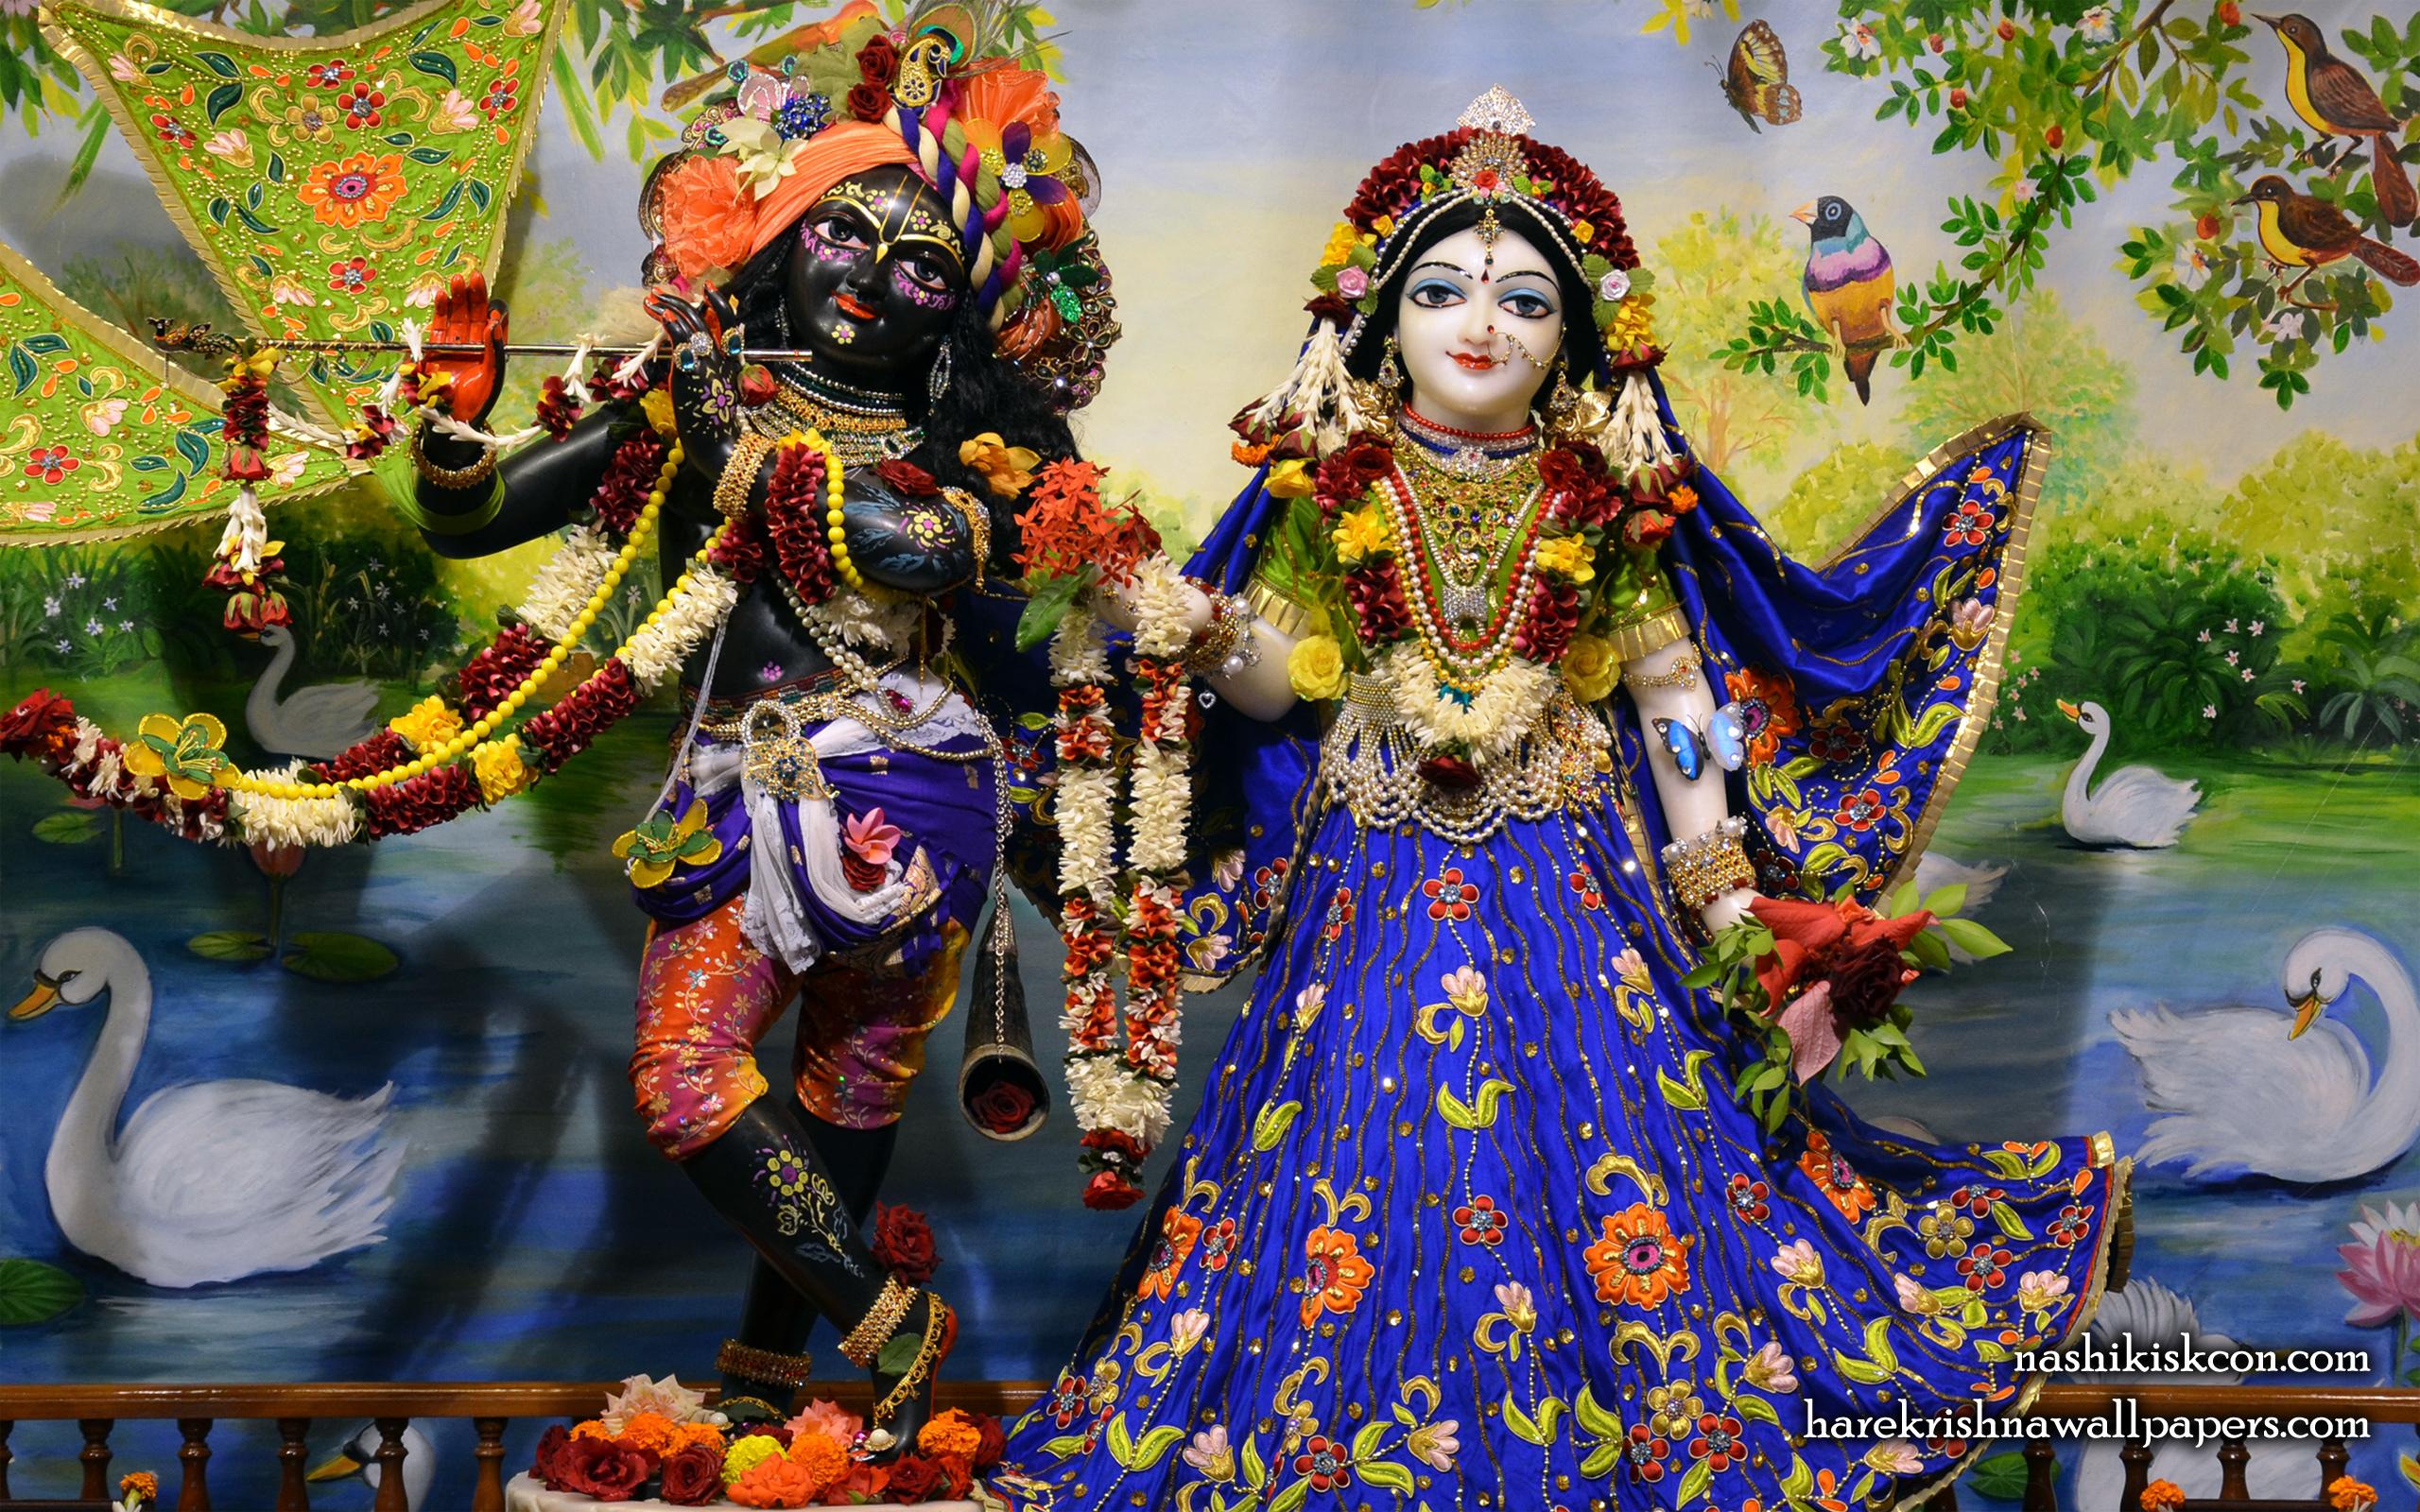 Sri Sri Radha Madan Gopal Wallpaper (010) Size 2560x1600 Download